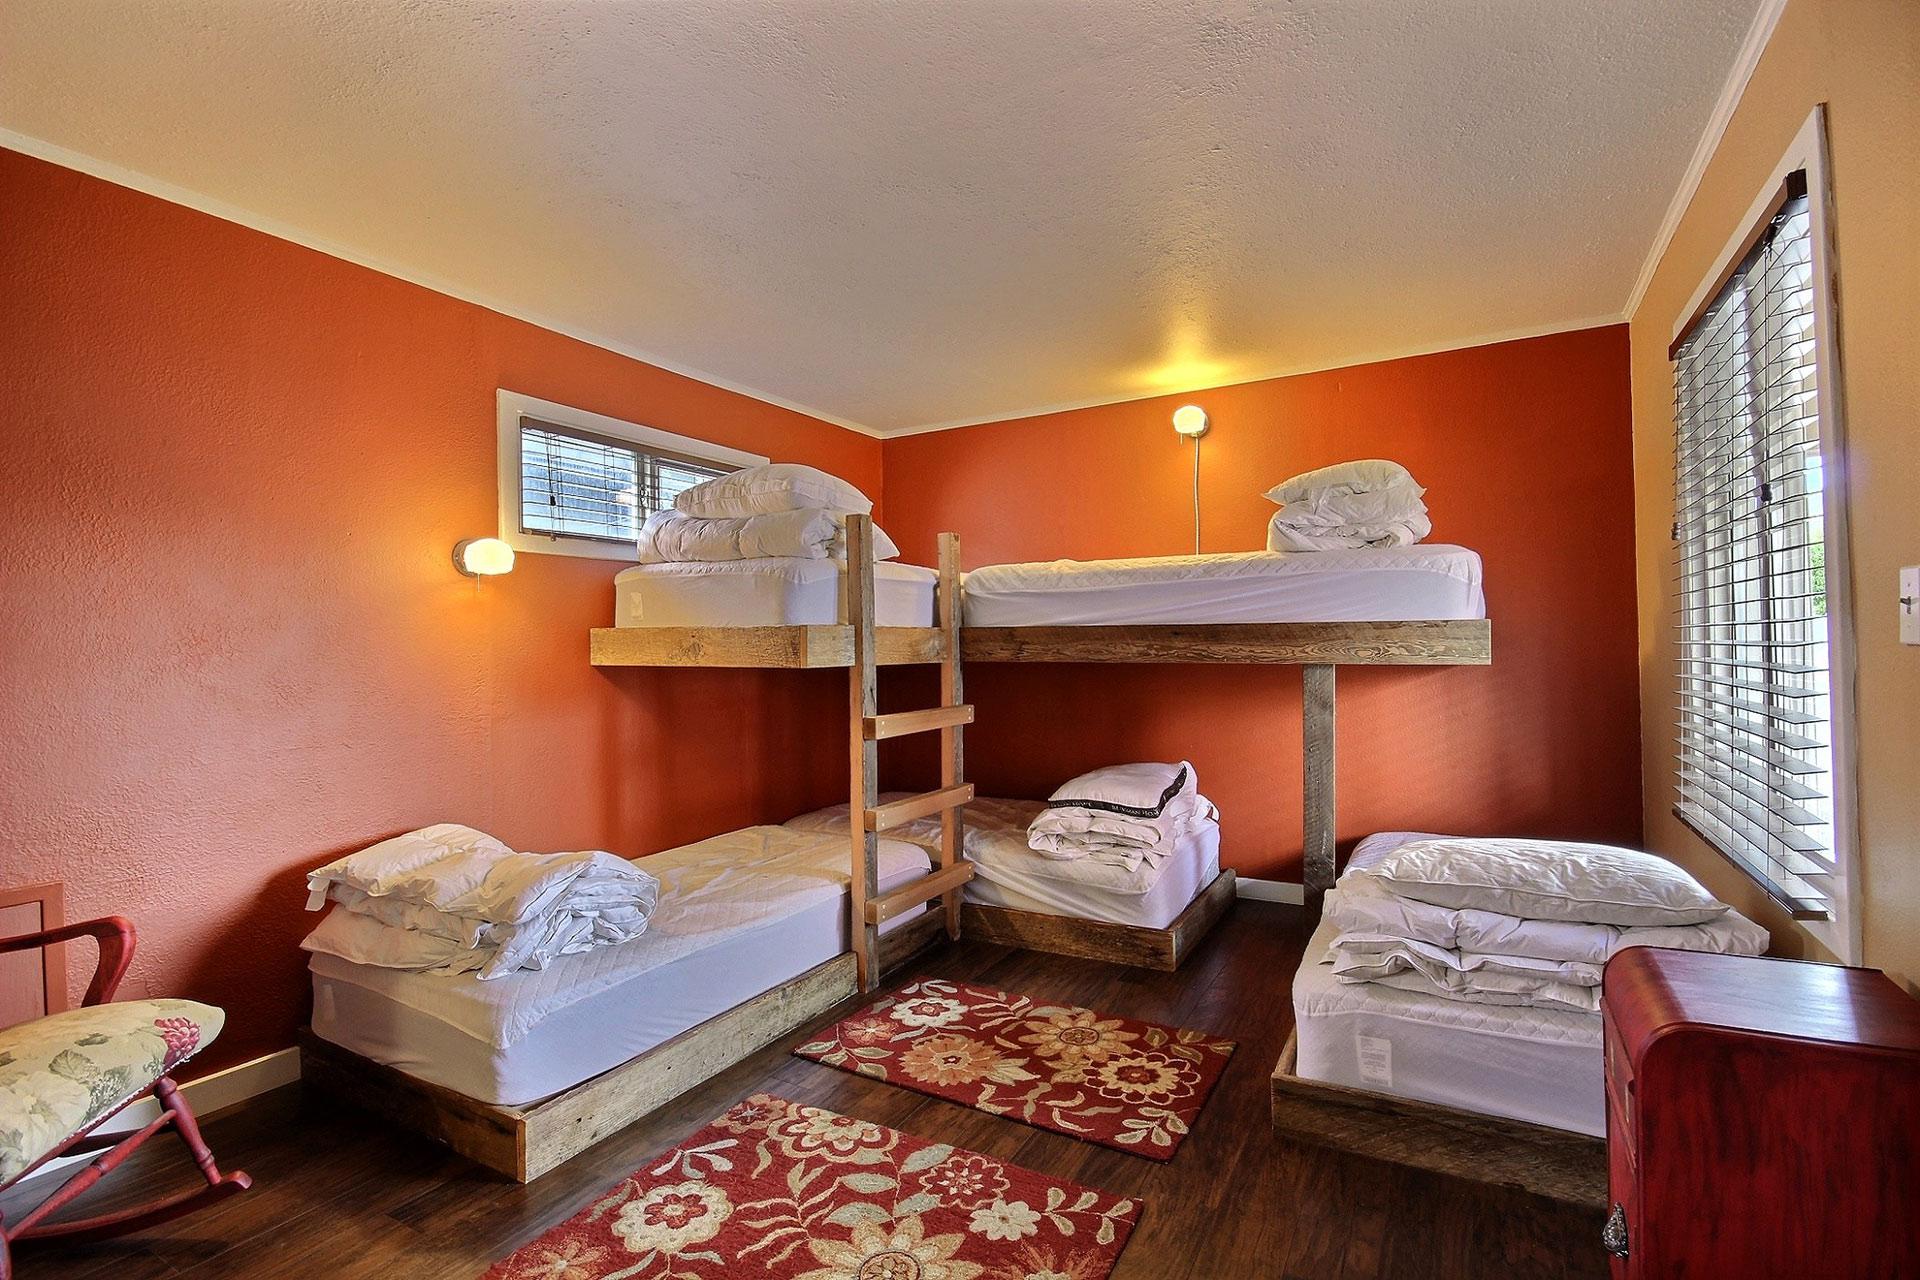 Camp 1 - Hostel Room - 5 Bunks